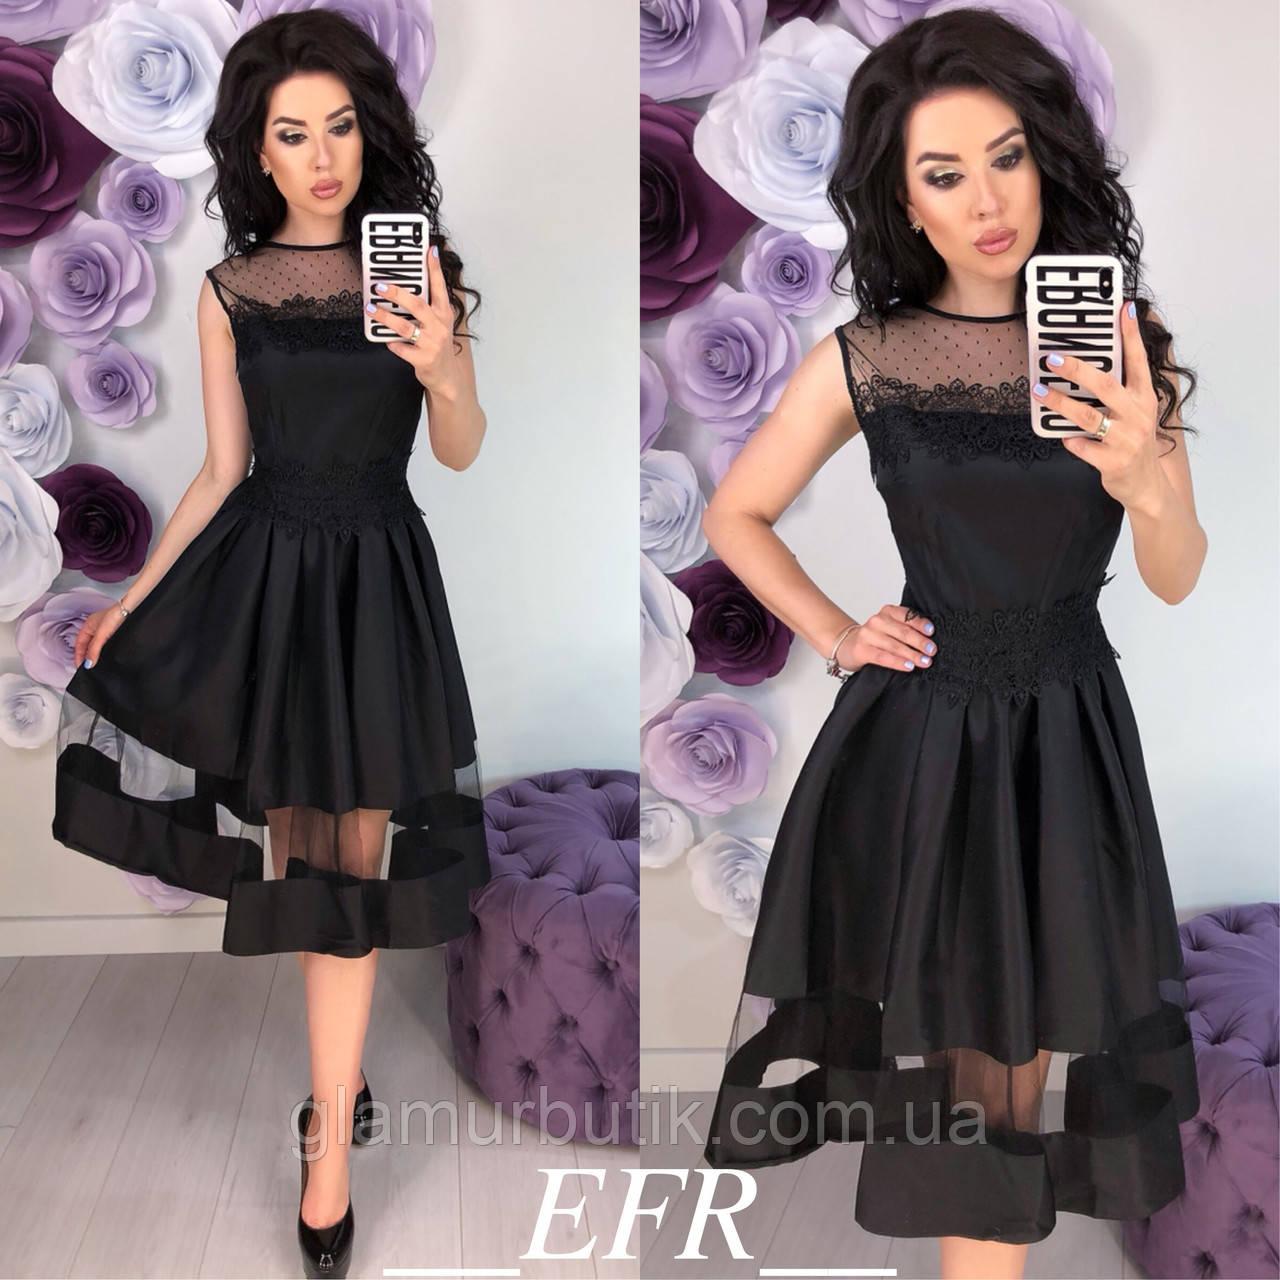 9fbcee6ef50471e Выходное вечернее нарядное платье с пышной юбкой кружевом и фатином чёрное  S - GlamurButik - женская